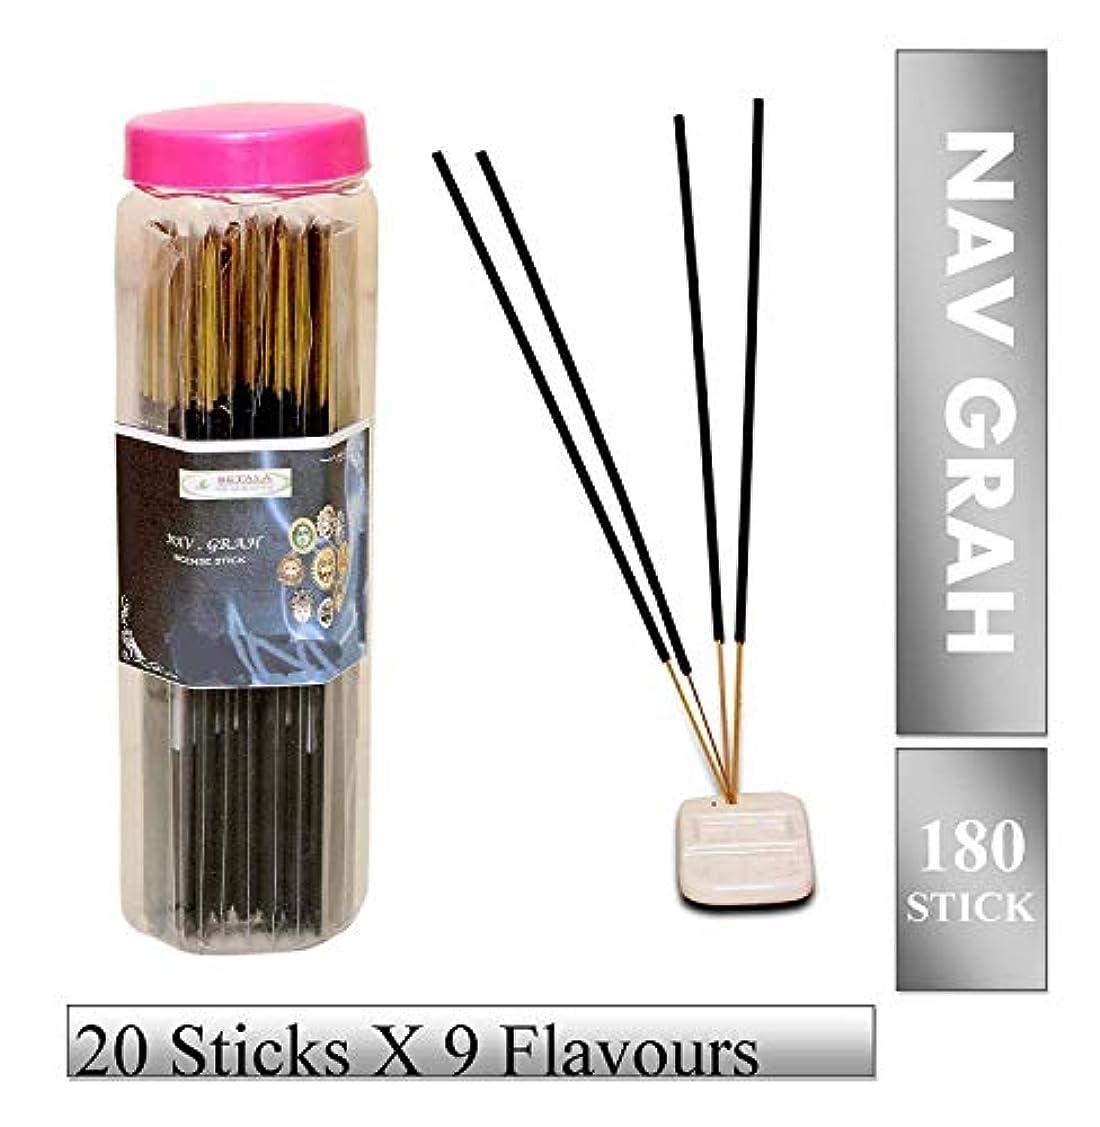 酸度電子リーガンBETALA MARKETING Combo Of Navgrah 9 In 1 Agarbatti Sticks With Agarbatti Box - Pack 0f 9 Flavours (180 Sticks)